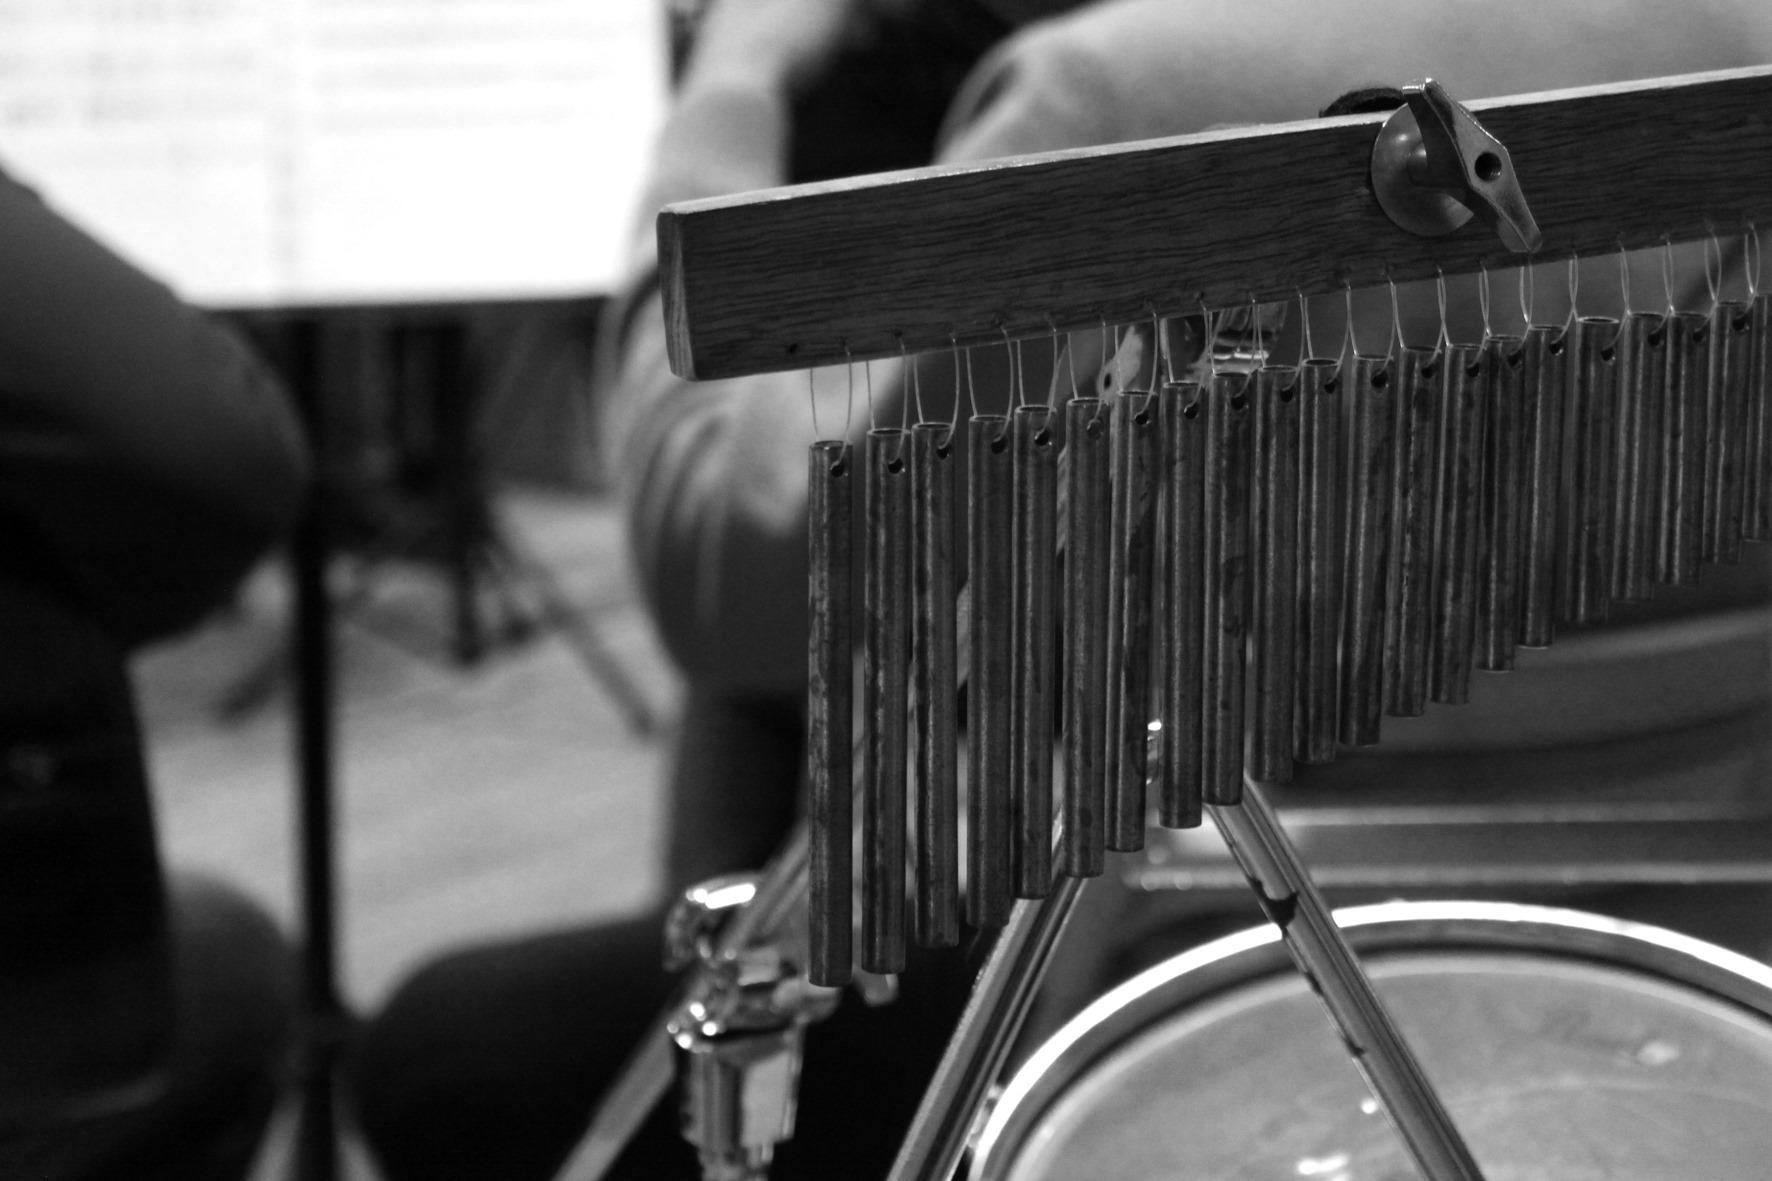 Sonagli | Musica Applicata alle immagini